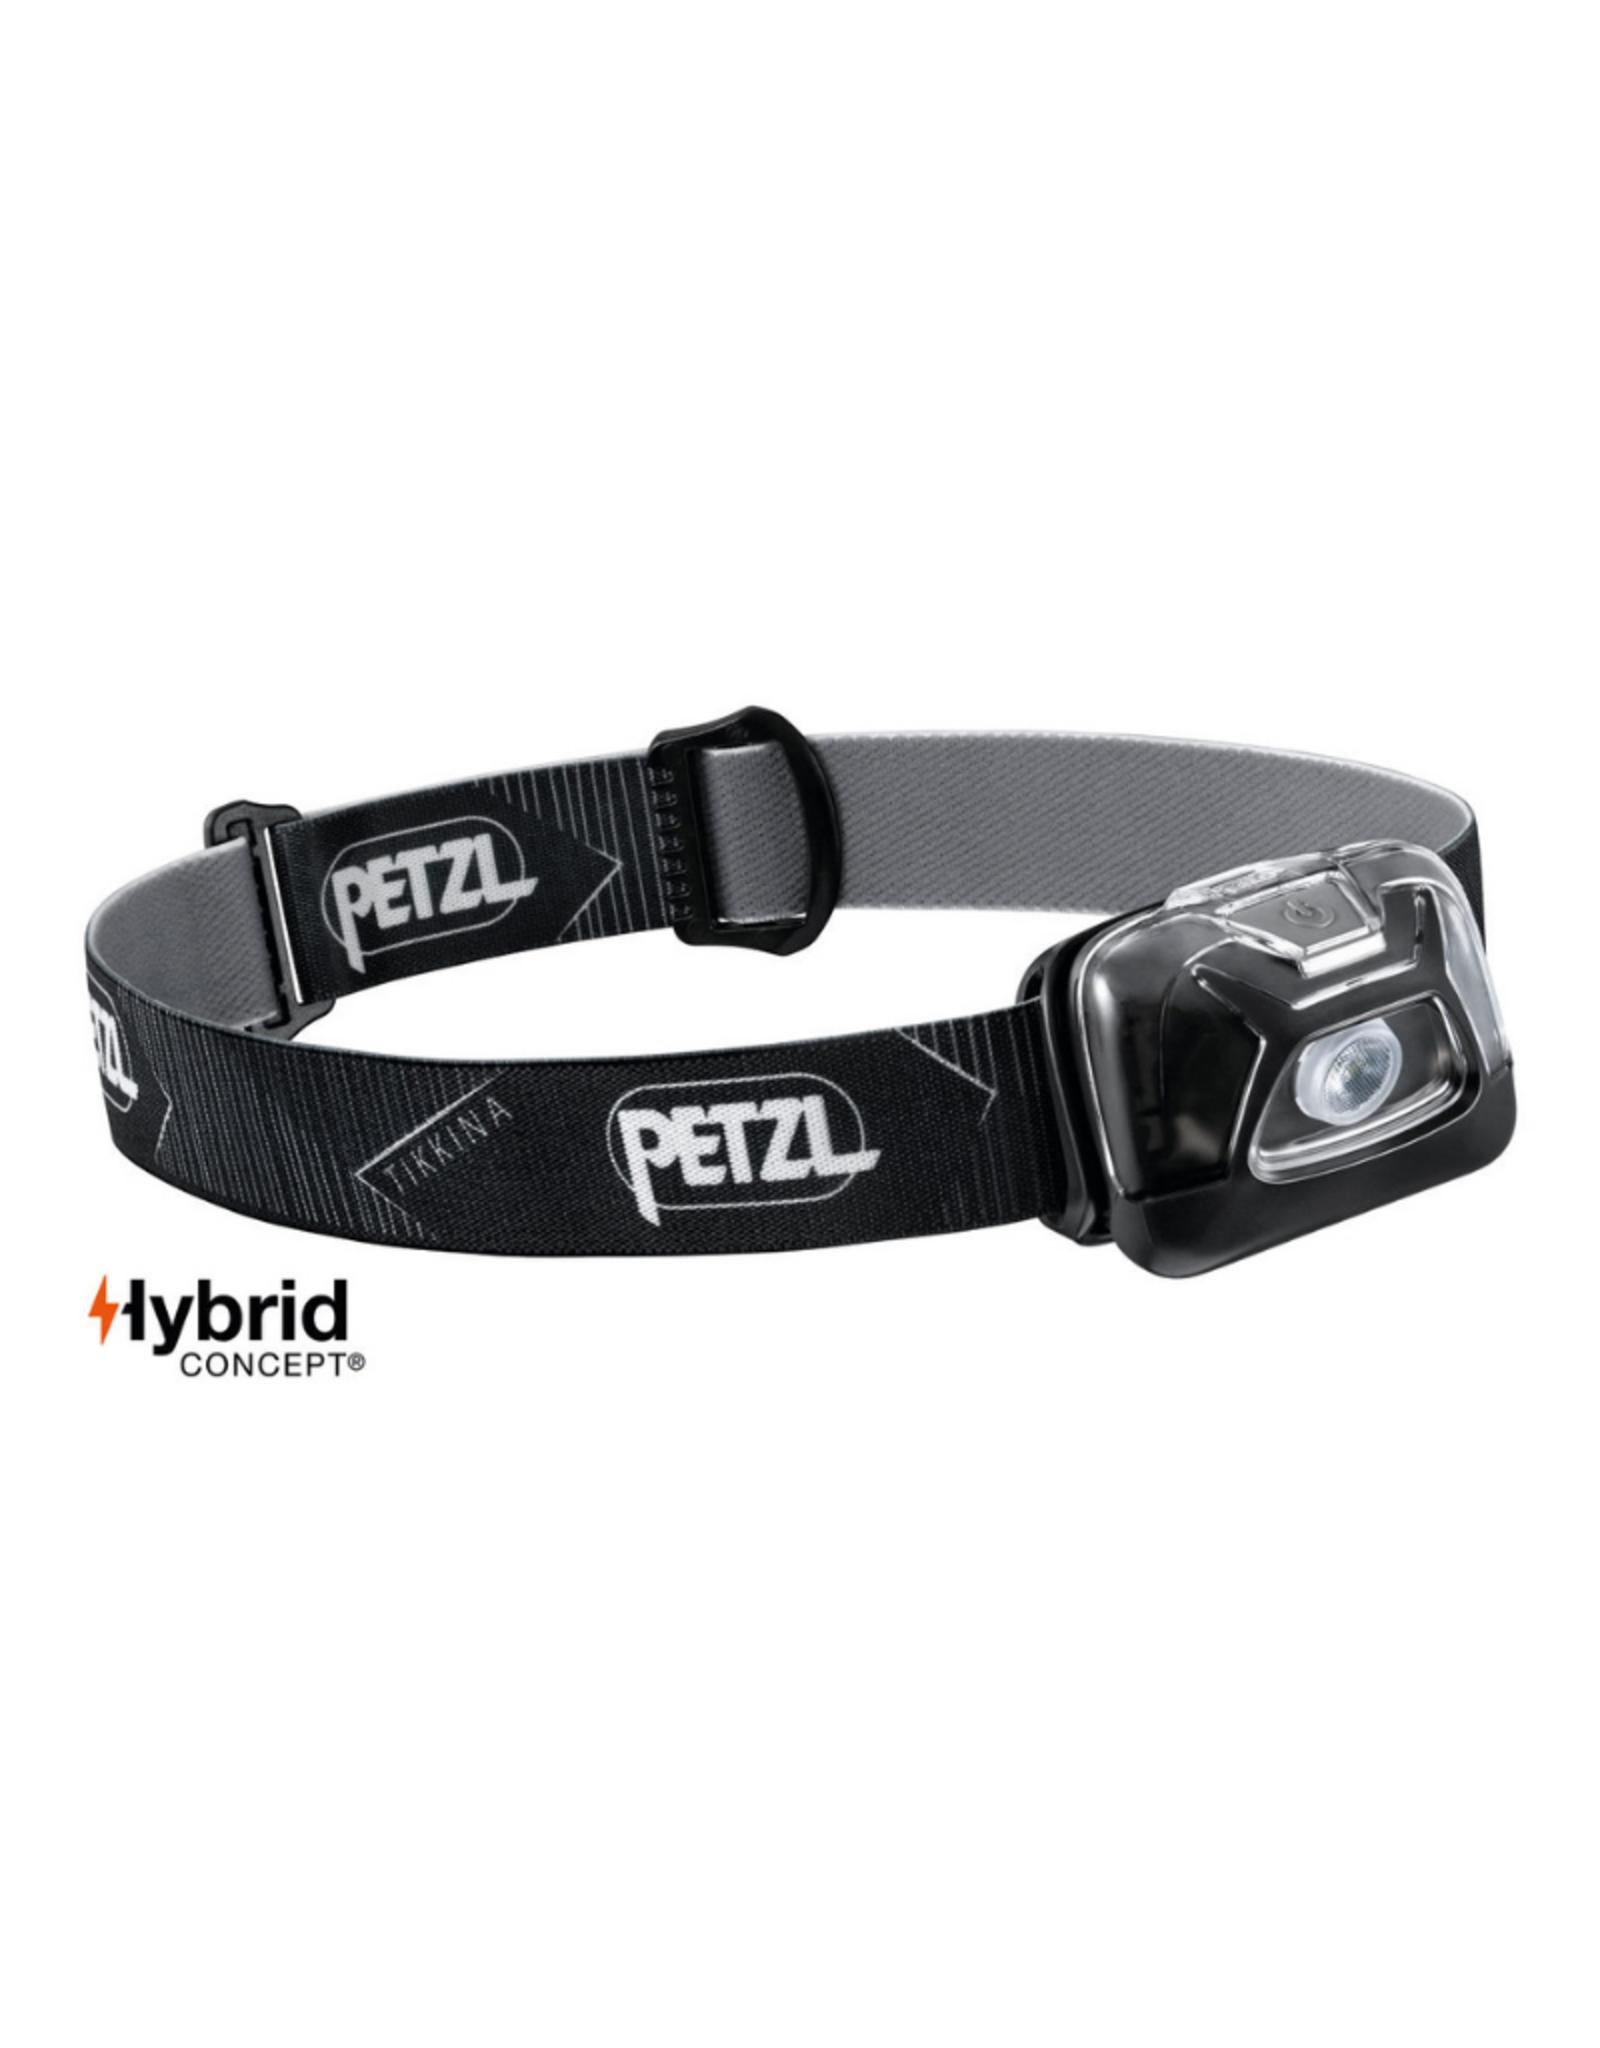 Petzl Petzl Tikkina 250 Headlamp